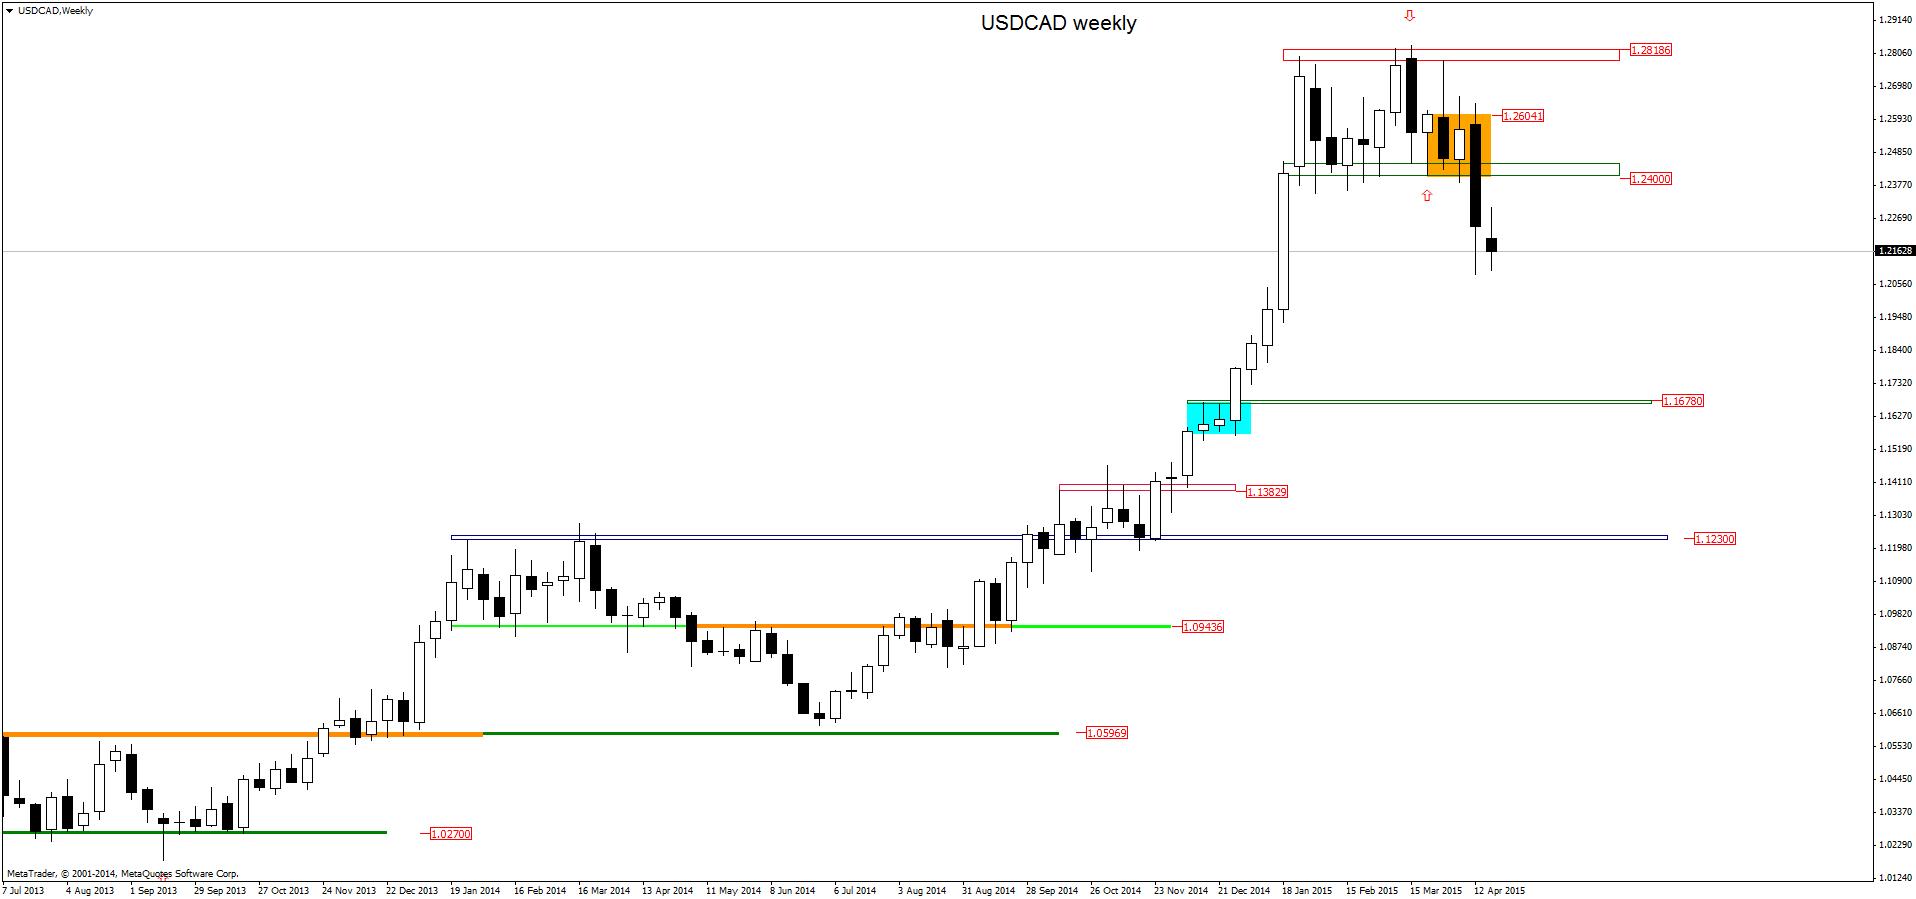 FXMAG forex w poszukiwaniu anatomii konsolidacji usdjpy dolar amerykański jen japoński konsolidacja forex usd/cad usd/jpy price action 8